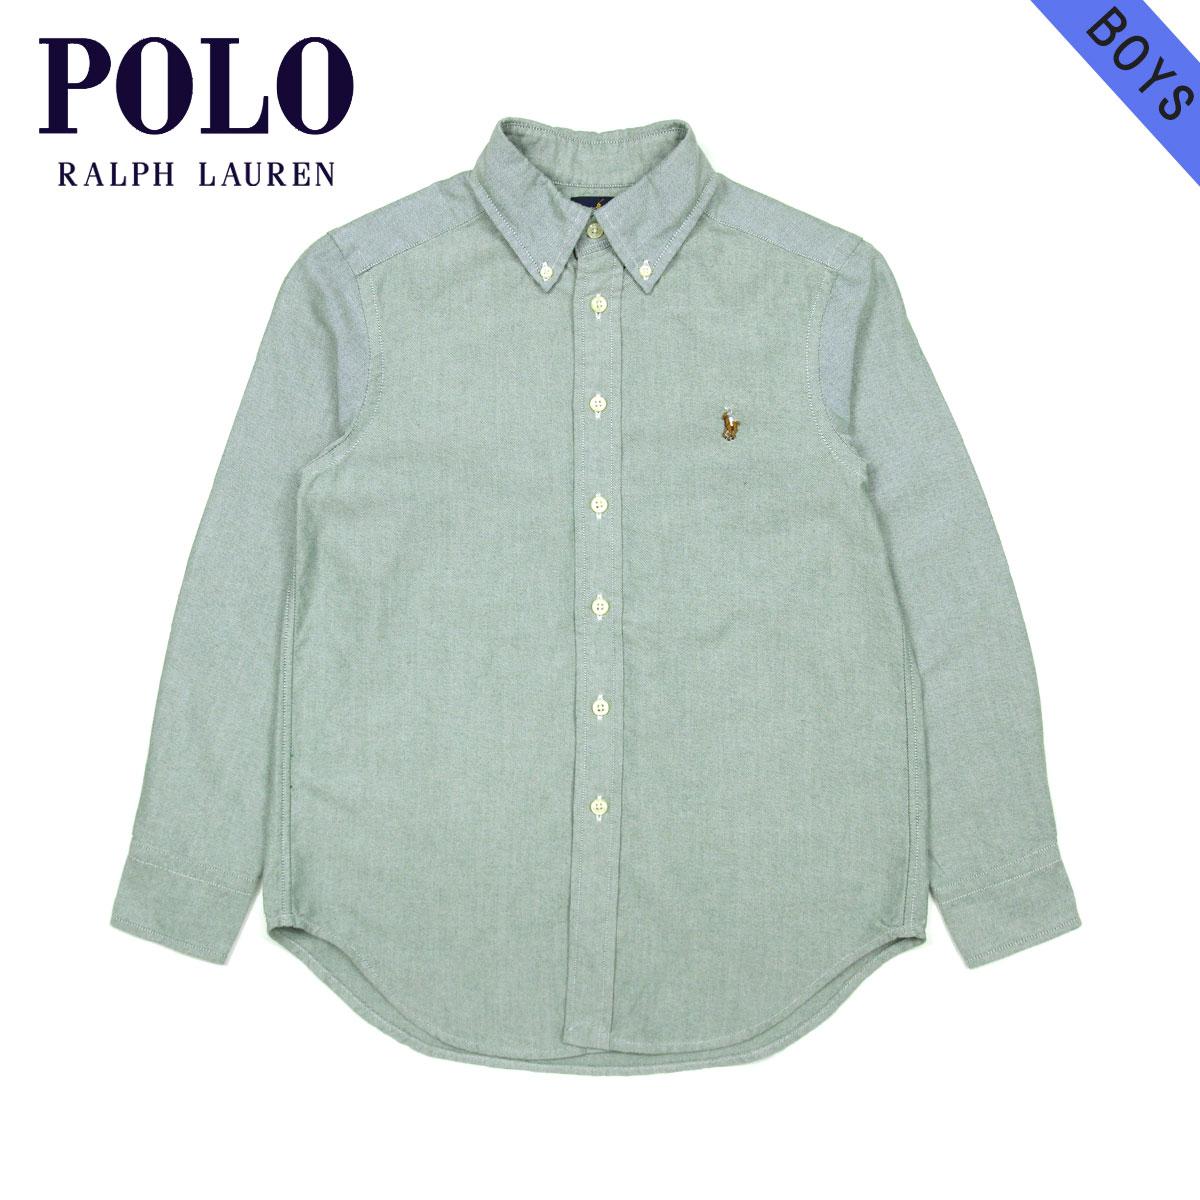 d825c2fac172 Polo Ralph Lauren kids POLO RALPH LAUREN CHILDREN regular article children s  clothes Boys long sleeves shirt SOLID COTTON BLAKE SHIRT 37716736 D00S20